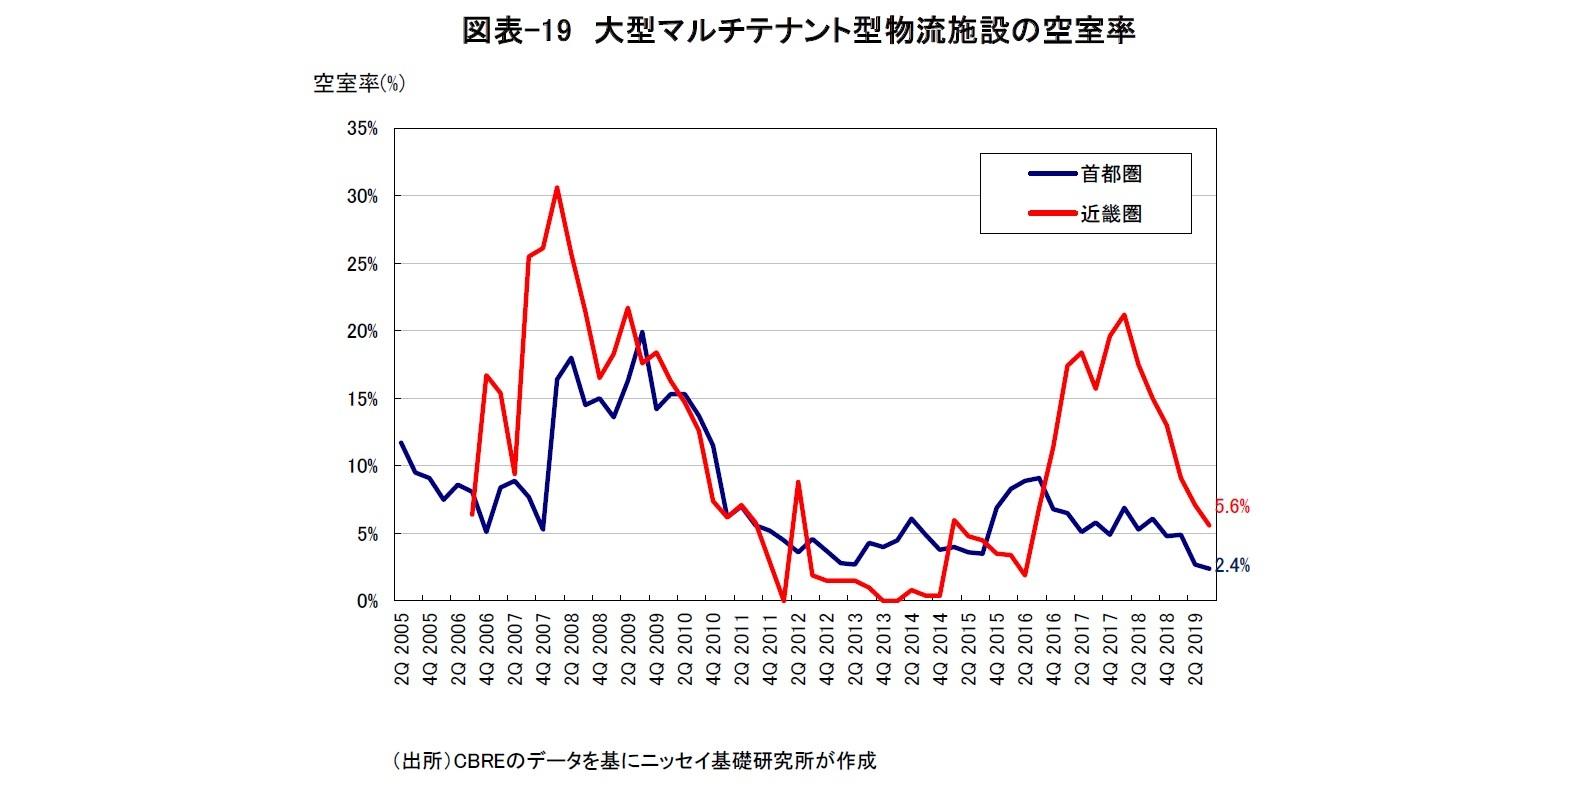 図表-19 大型マルチテナント型物流施設の空室率